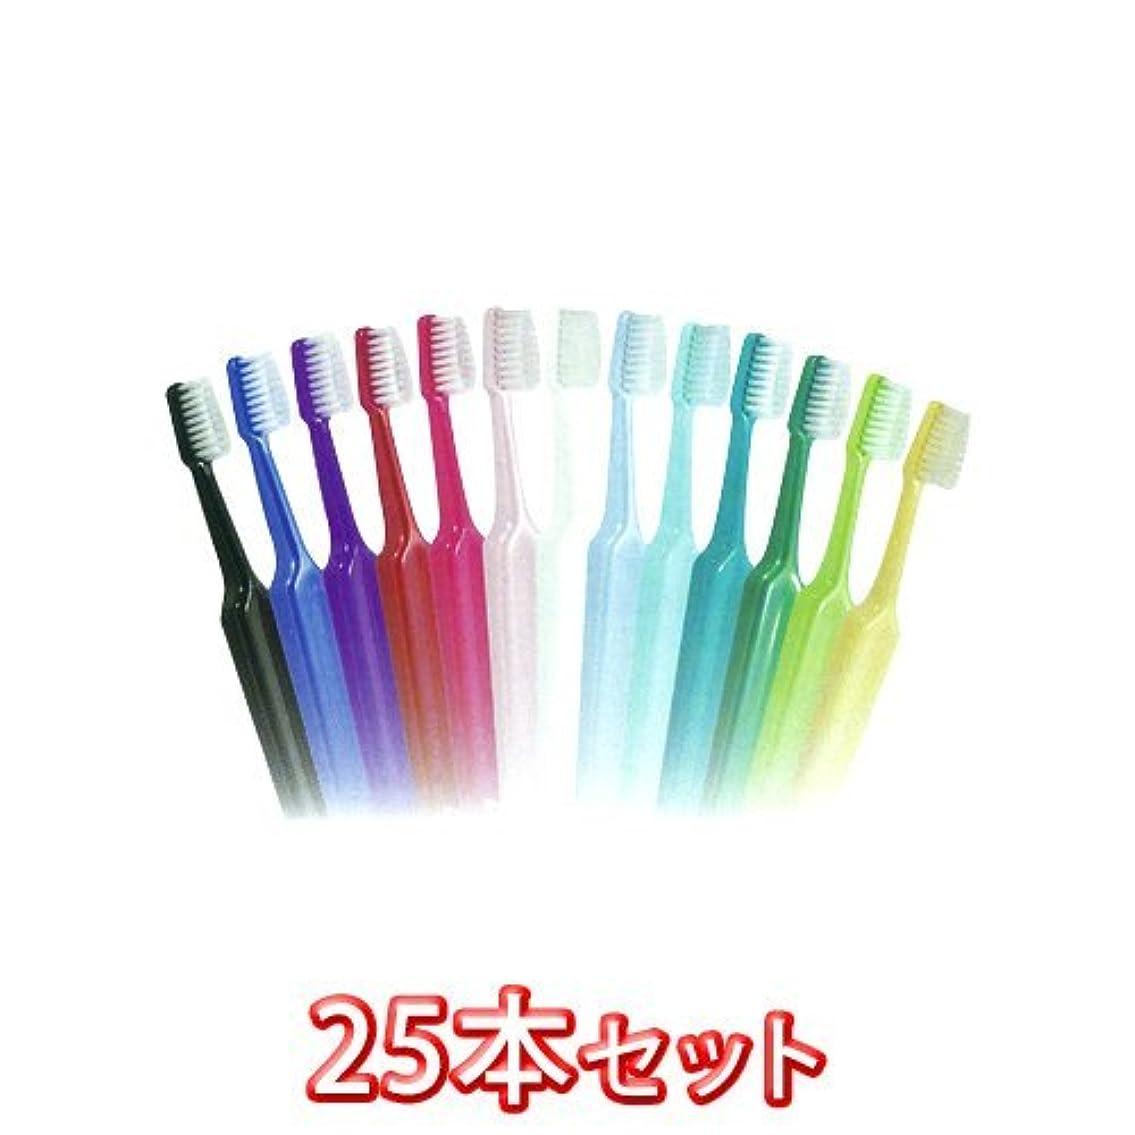 ゲート松の木雲TePeテペセレクトコンパクト歯ブラシ 25本(コンパクトエクストラソフト)